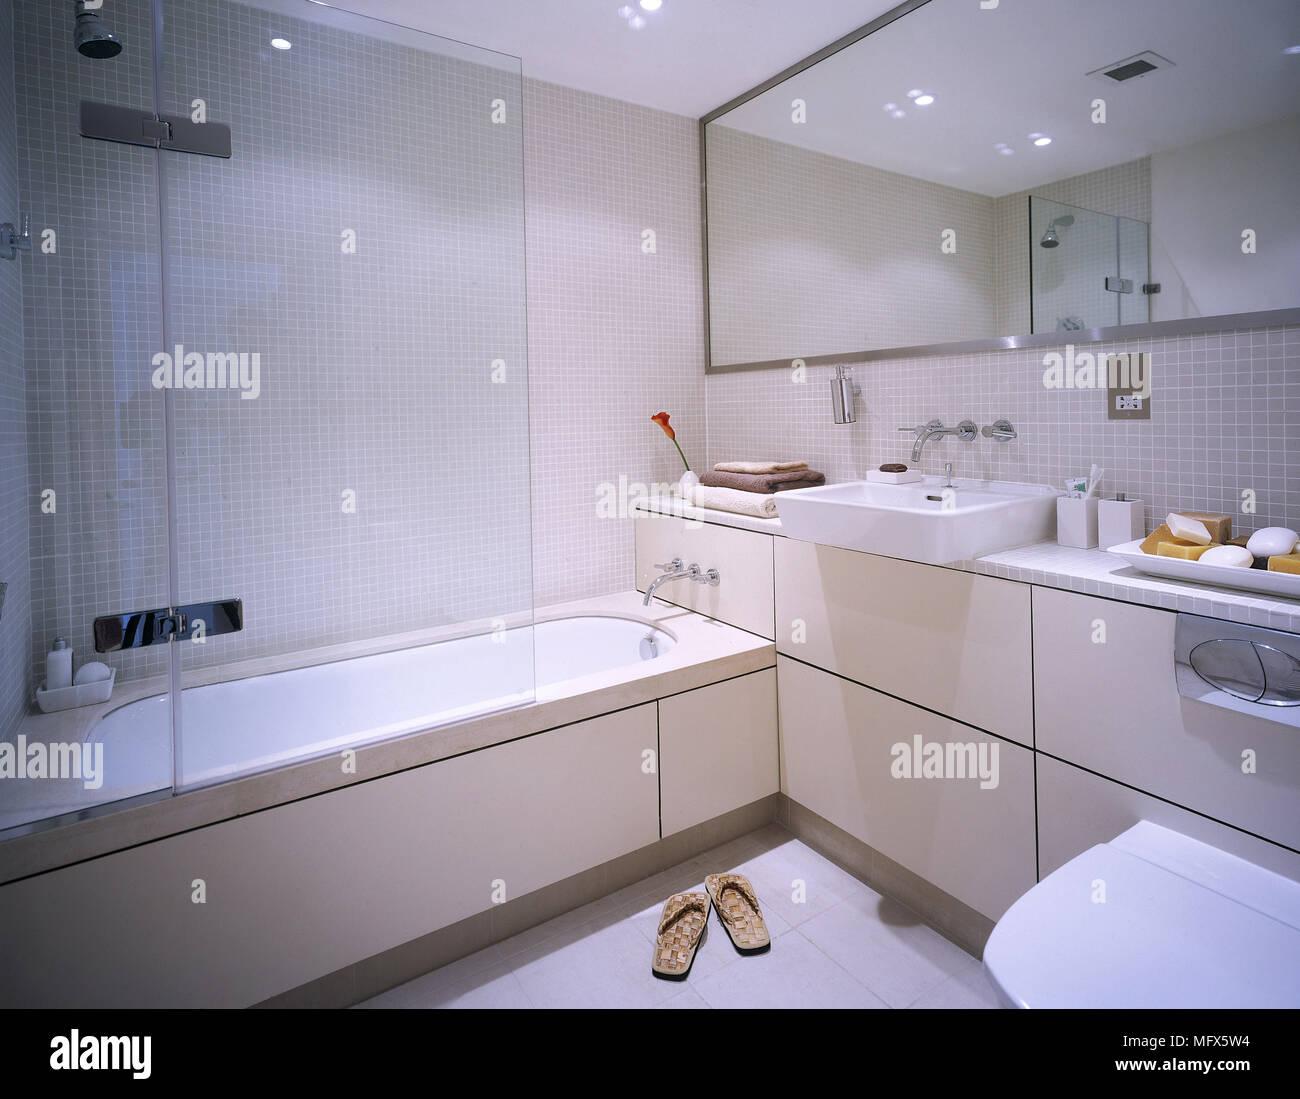 Bagno moderno con mosaici di pareti piastrellate, vasca da bagno con ...